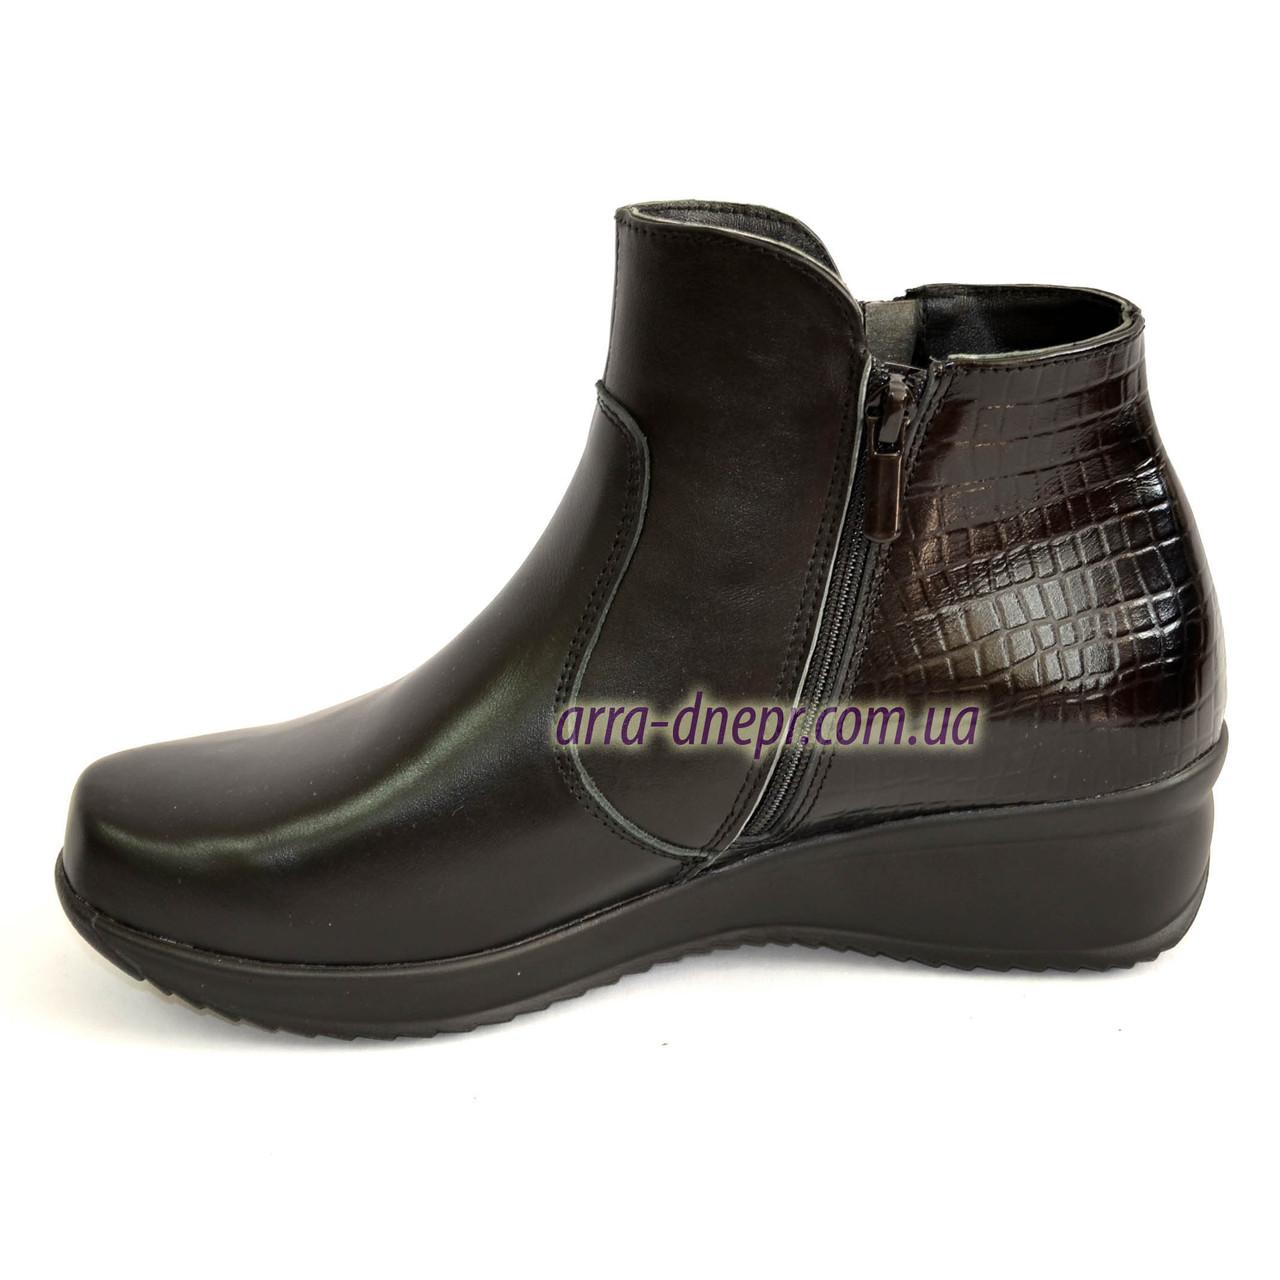 23602b55c ... Женские демисезонные ботинки на невысокой танкетке, натуральная кожа,  ...